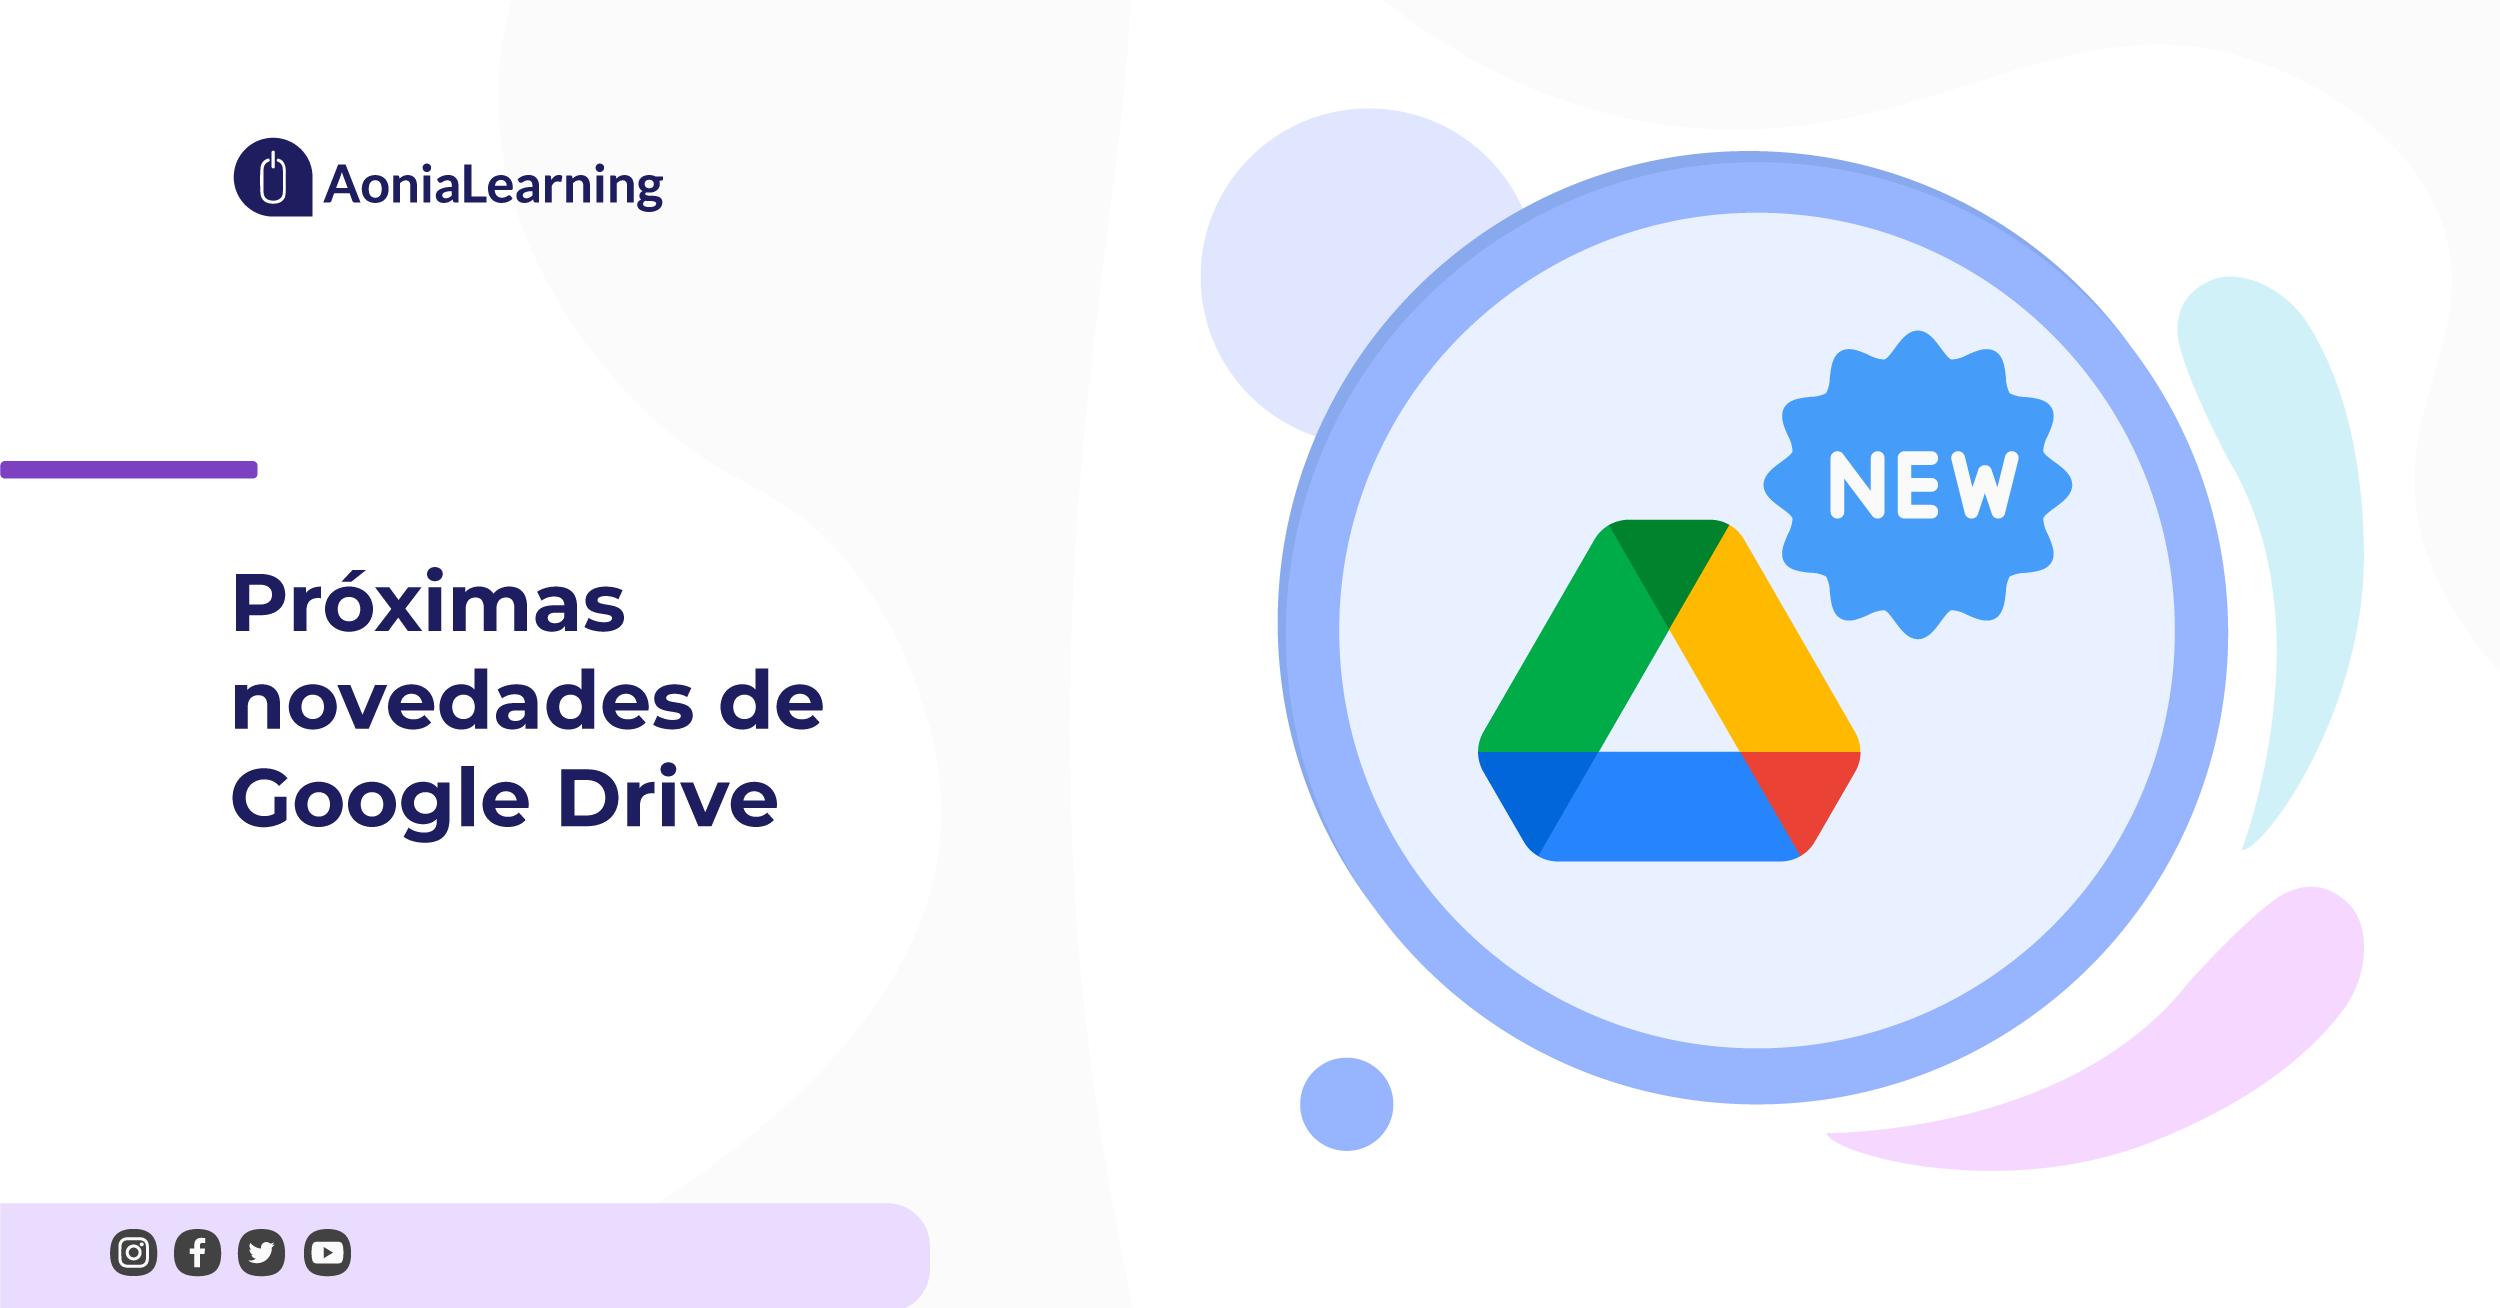 Próximas novedades de Google Drive